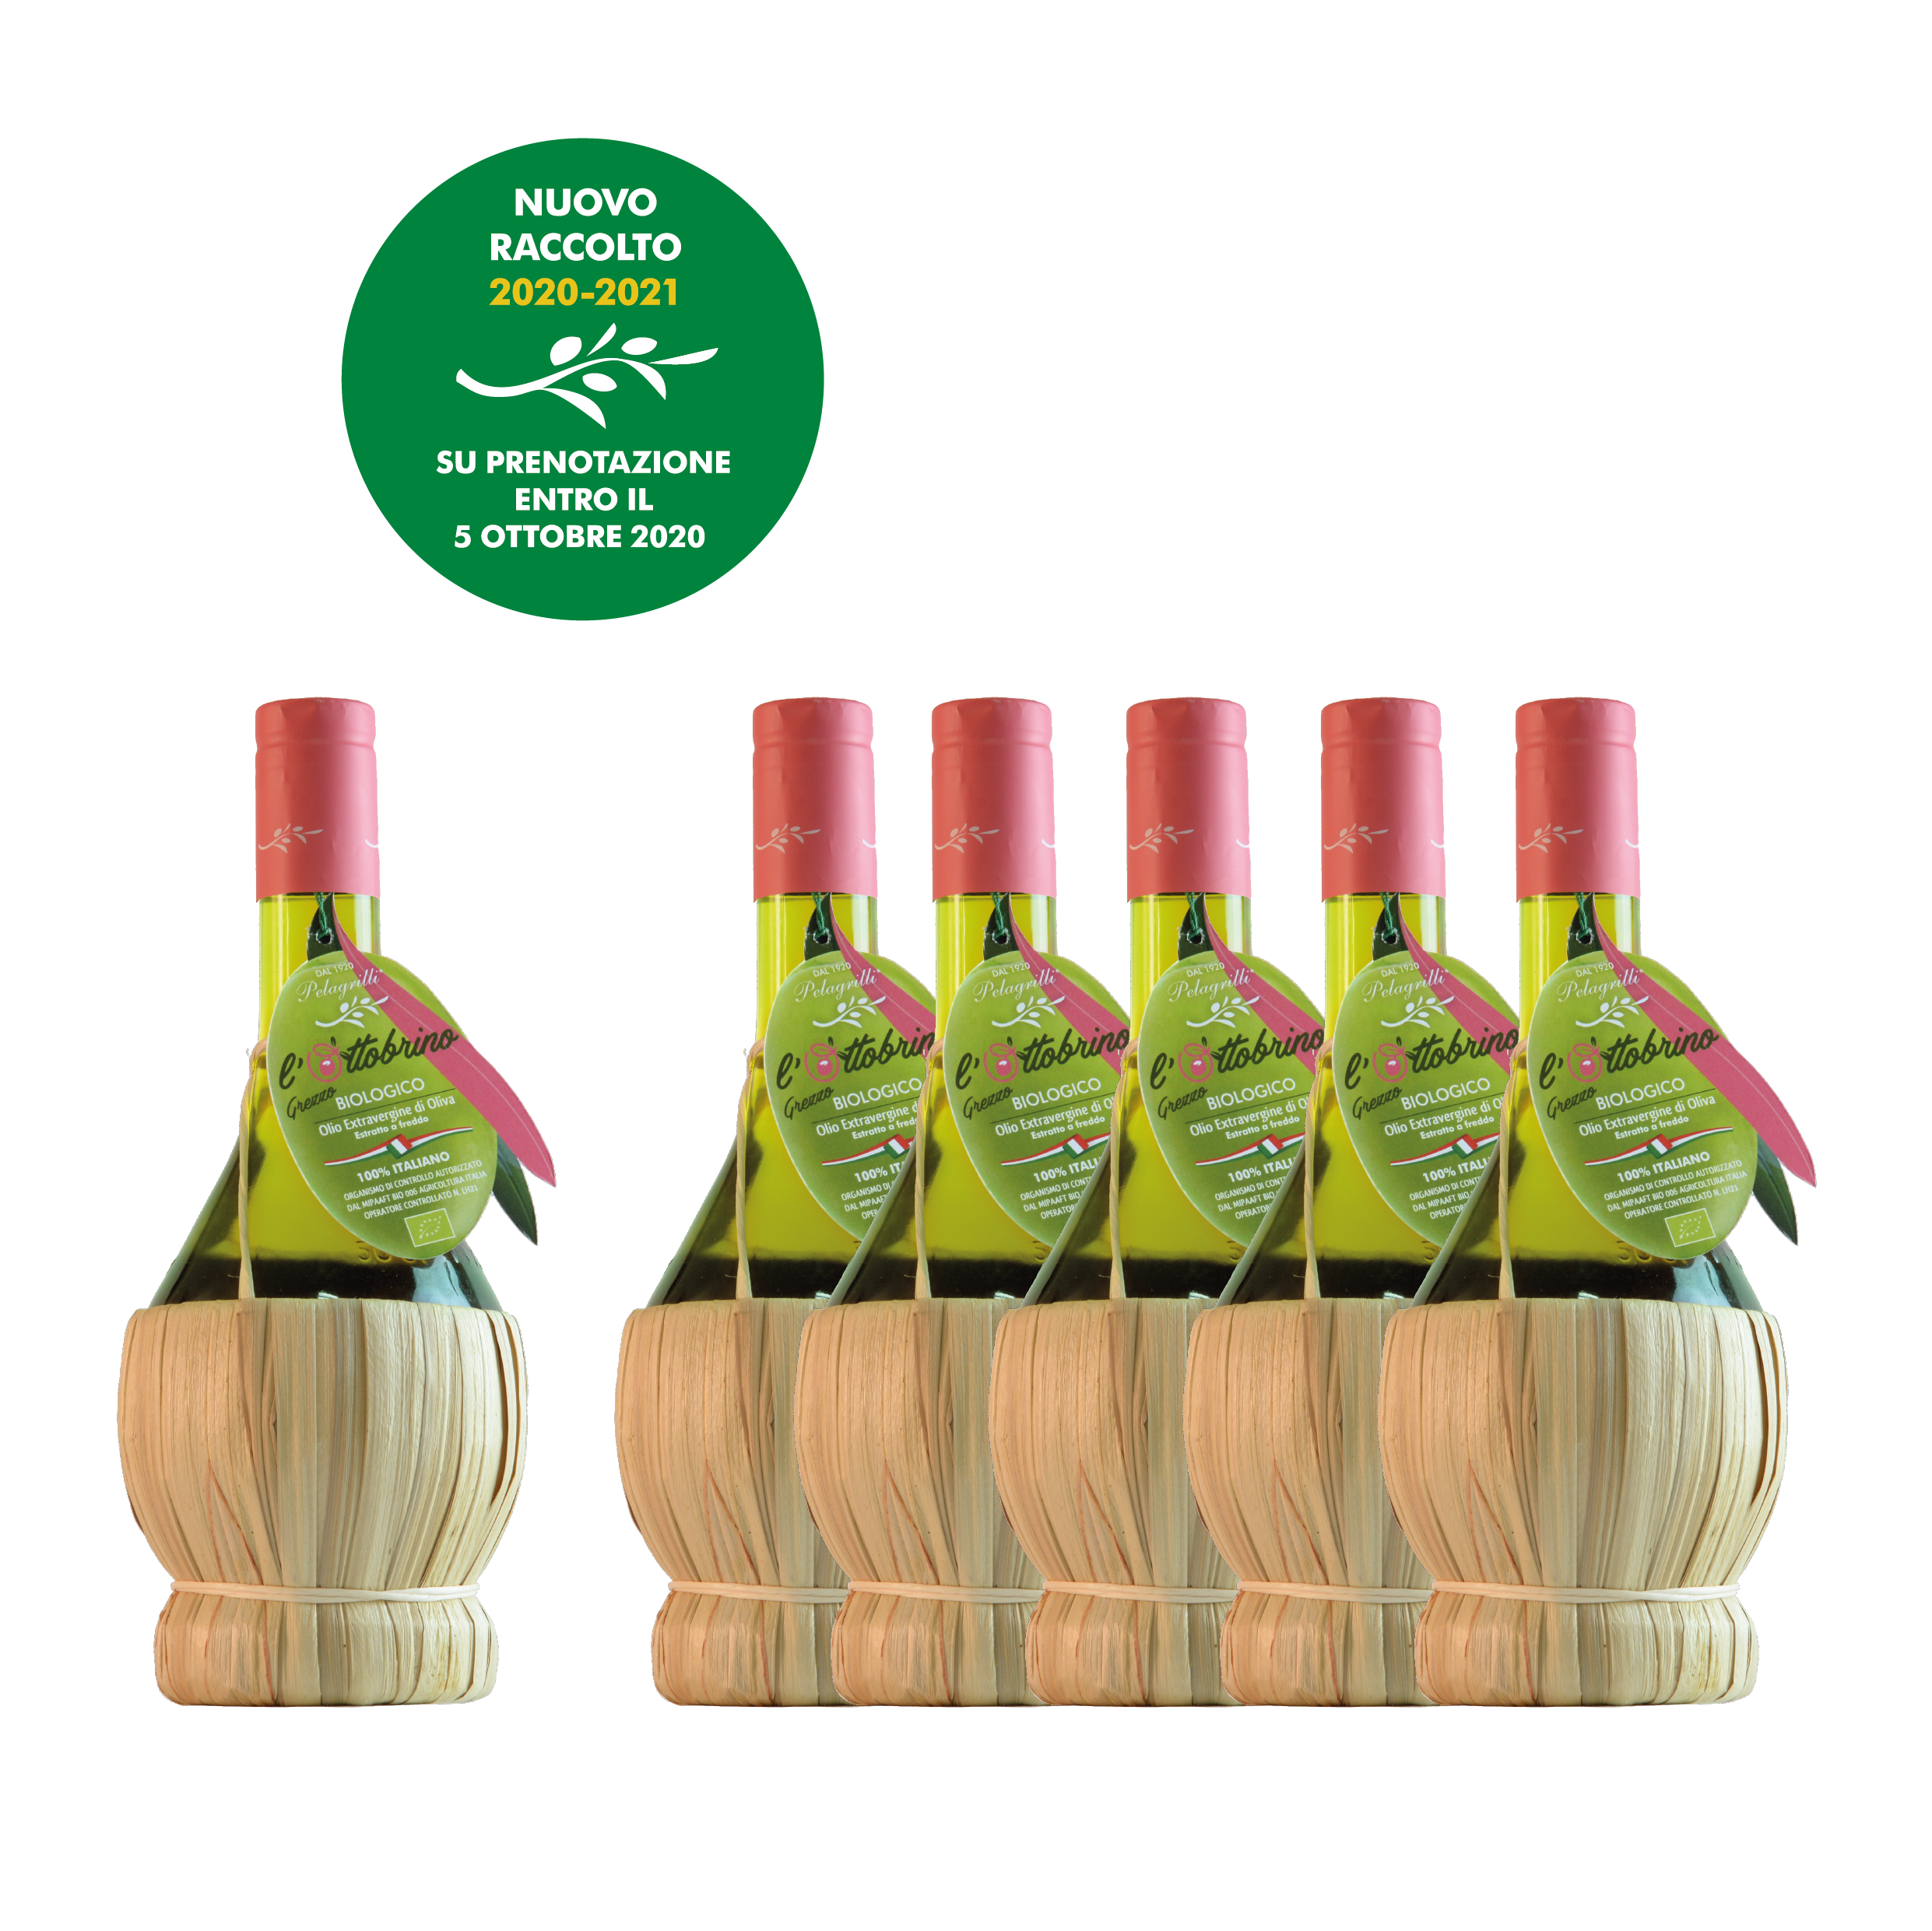 L' OTTOBRINO GREZZO - BIOLOGICO Confezione da 6 Fiaschi da LT 0,50 ciascuno - Olio Extravergine di Oliva 100% italiano - Raccolto 2020-2021 - estratto a freddo